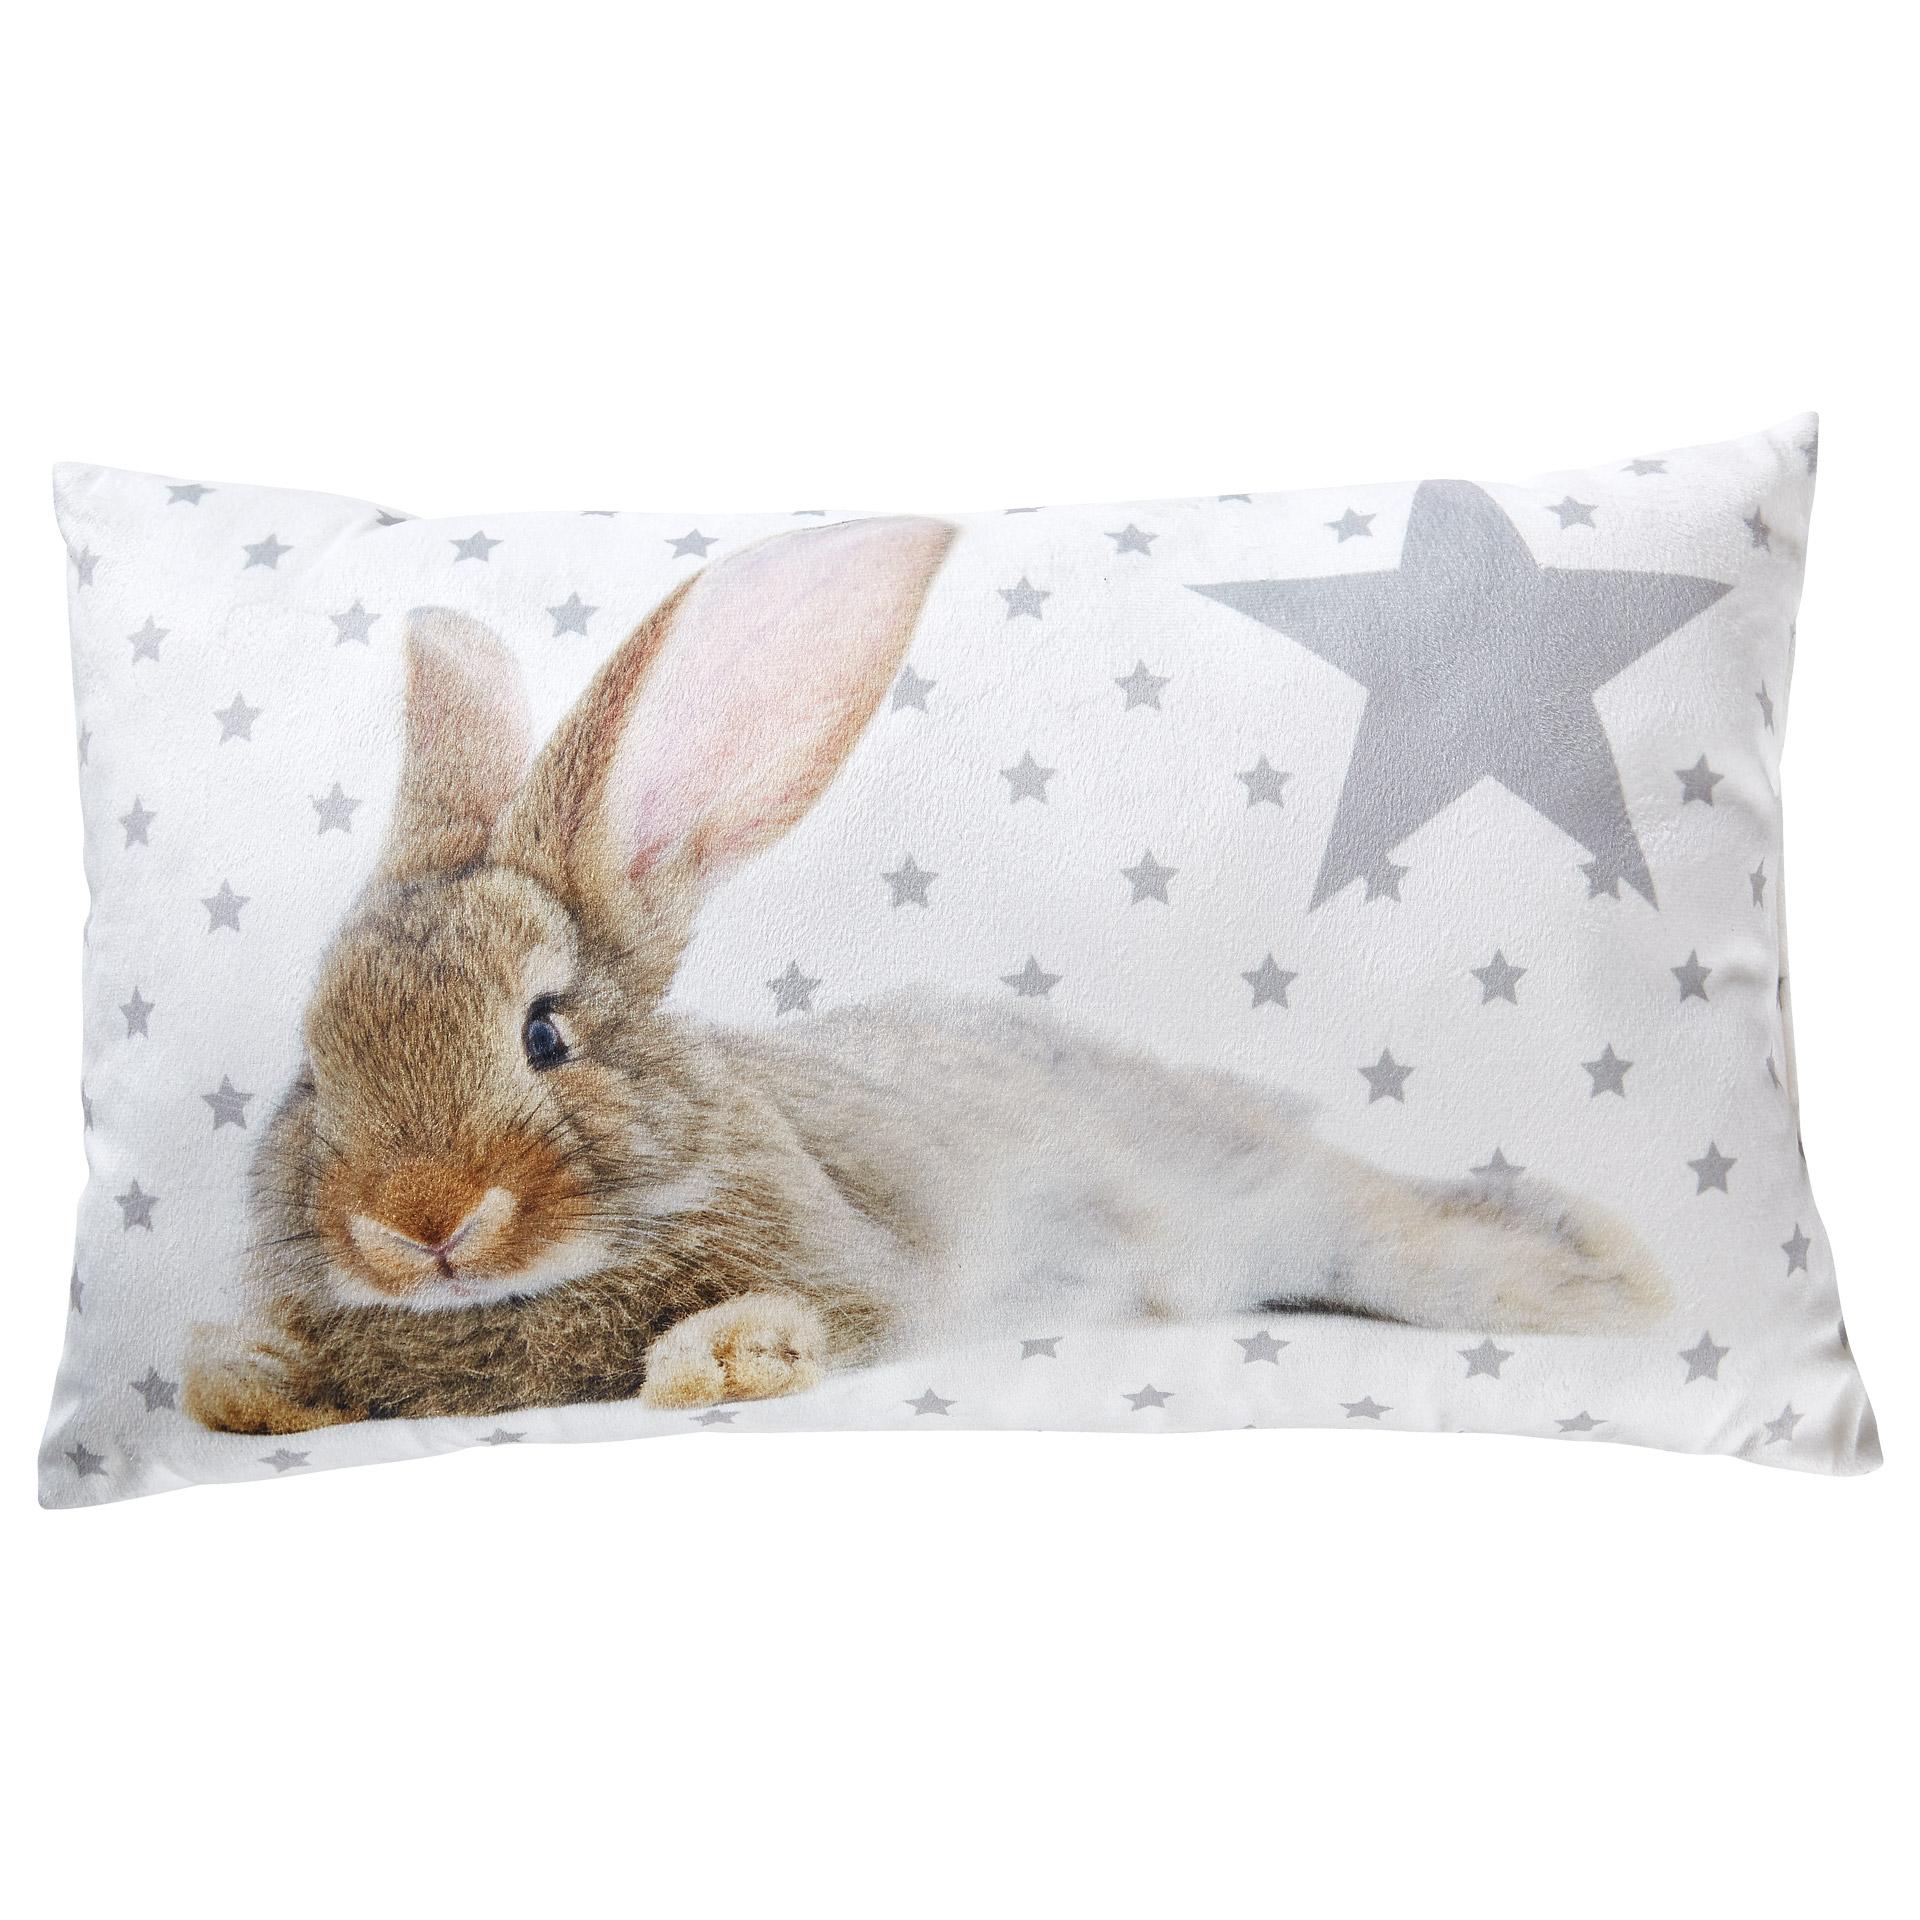 Zierkissen Bunny (30x50, weiß-grau)